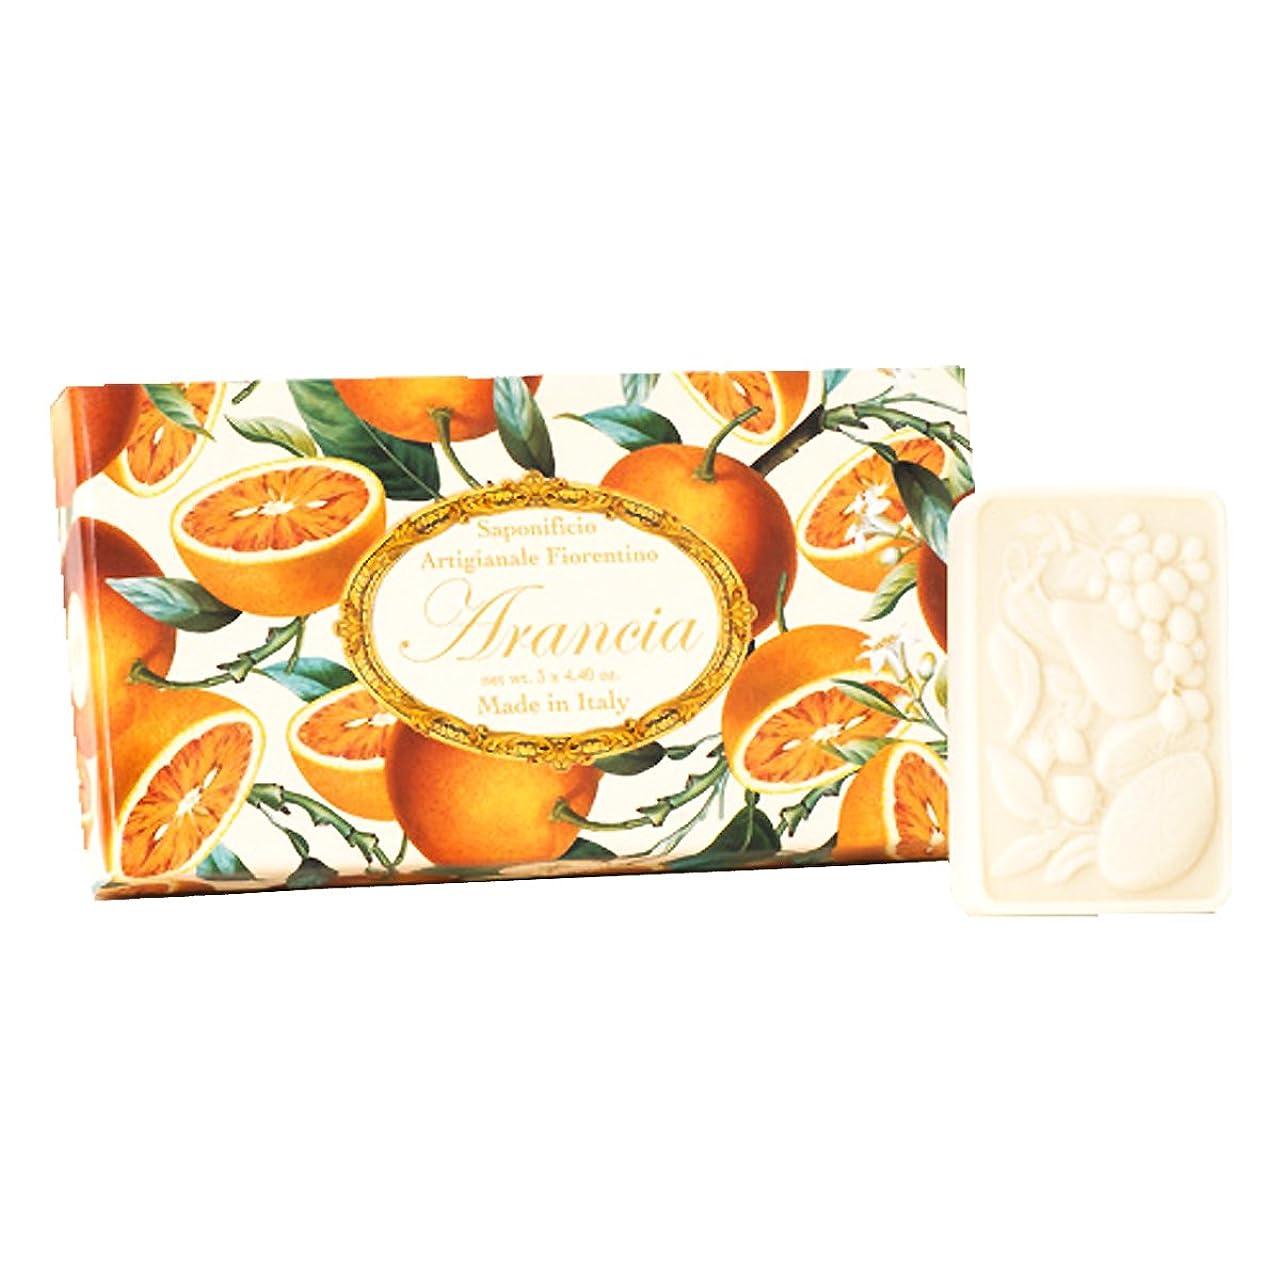 固執殺人突進フィレンツェの 長い歴史から生まれたこだわり石鹸 オレンジ【刻印125g×3個セット】